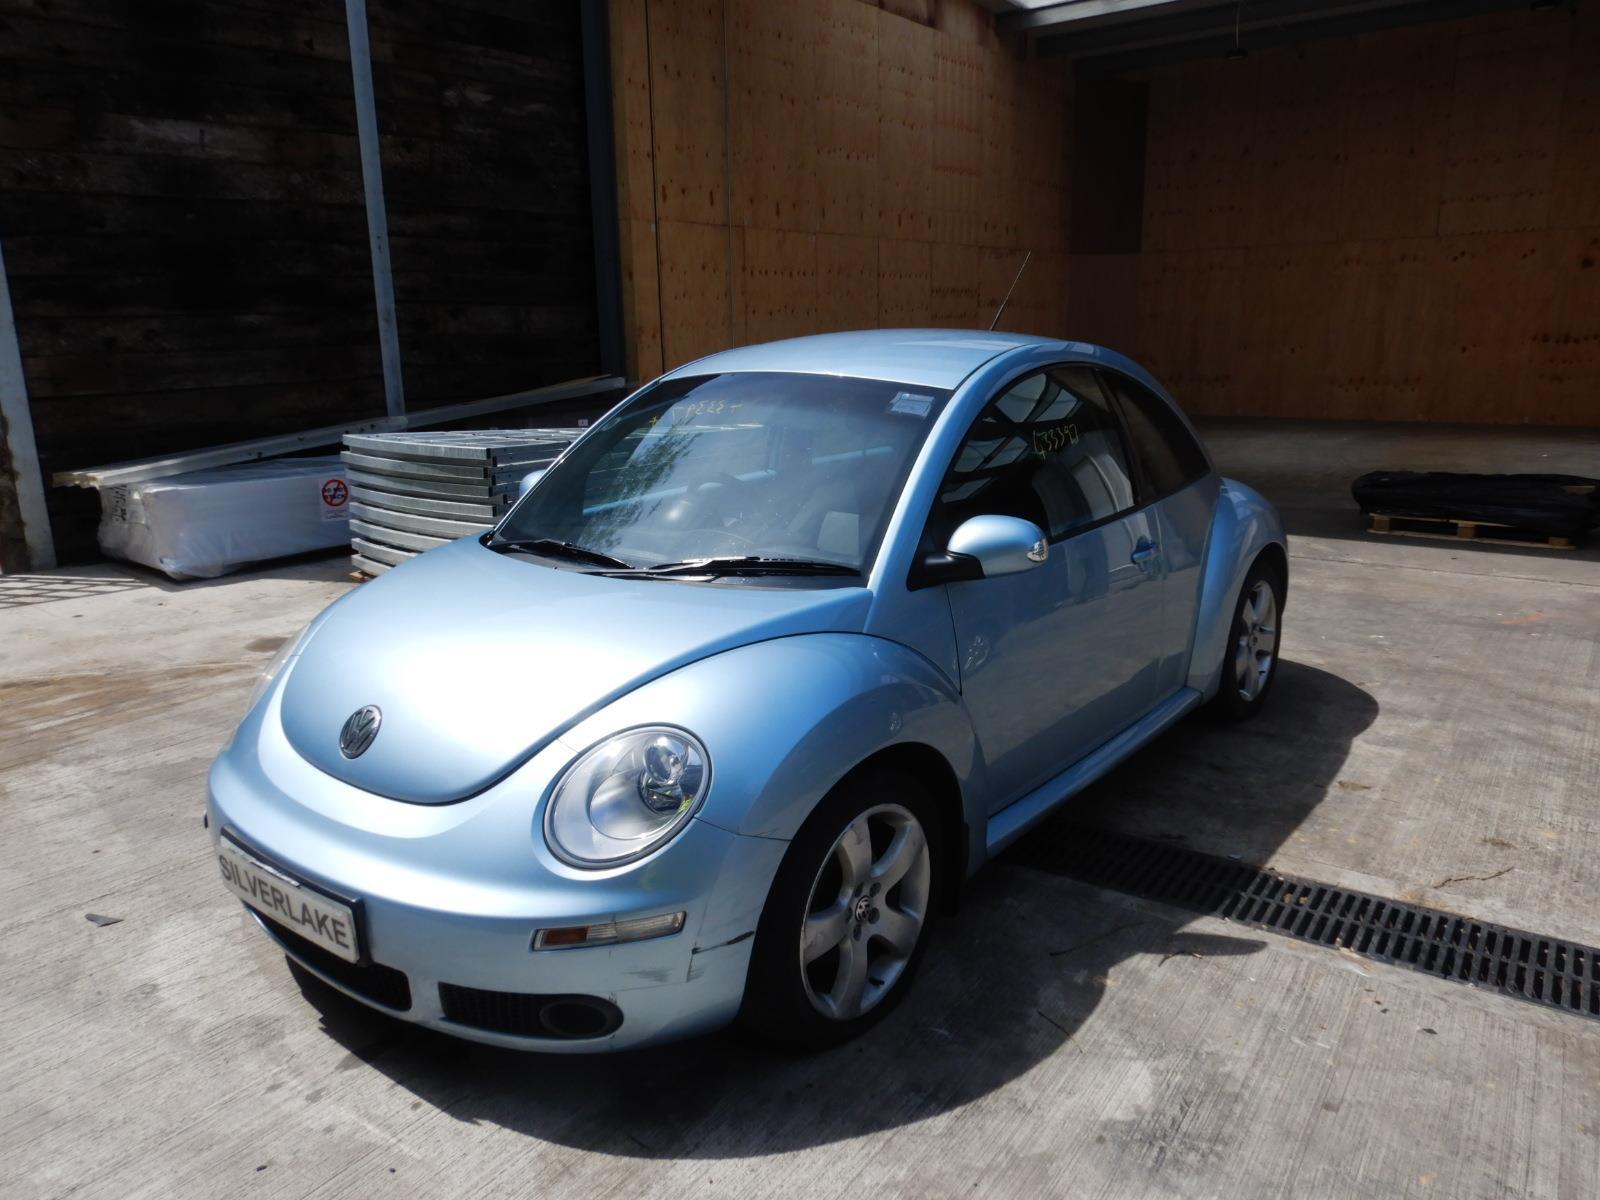 Volkswagen Beetle 2006 To 2011 3 Door Hatchback / scrap